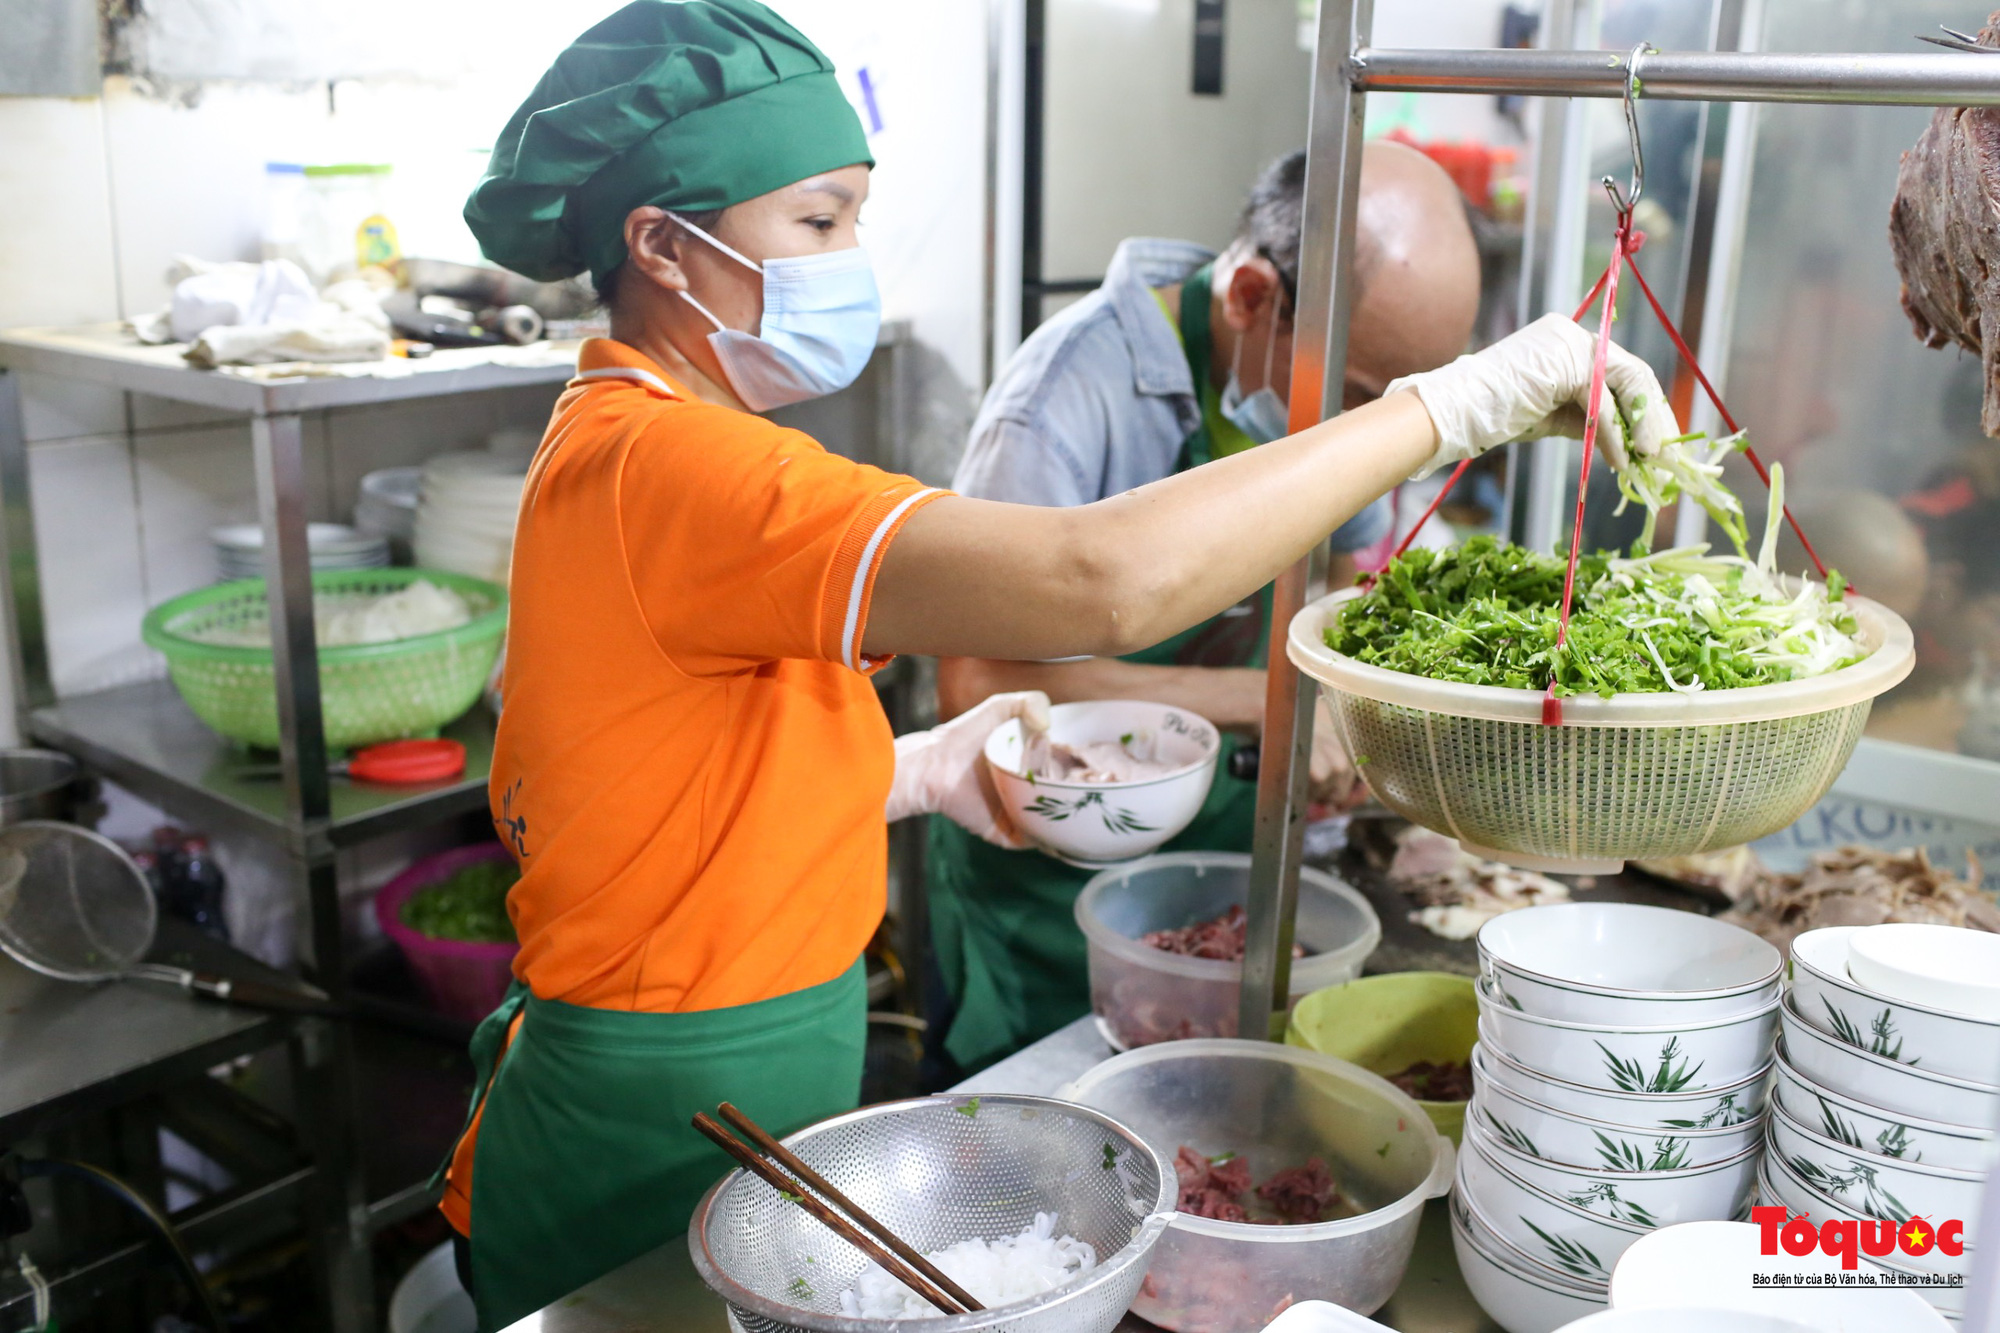 Người Hà Nội dạy sớm thưởng thức đặc sản thủ đô ngay khi hàng quán được bán hàng tại chỗ - Ảnh 2.